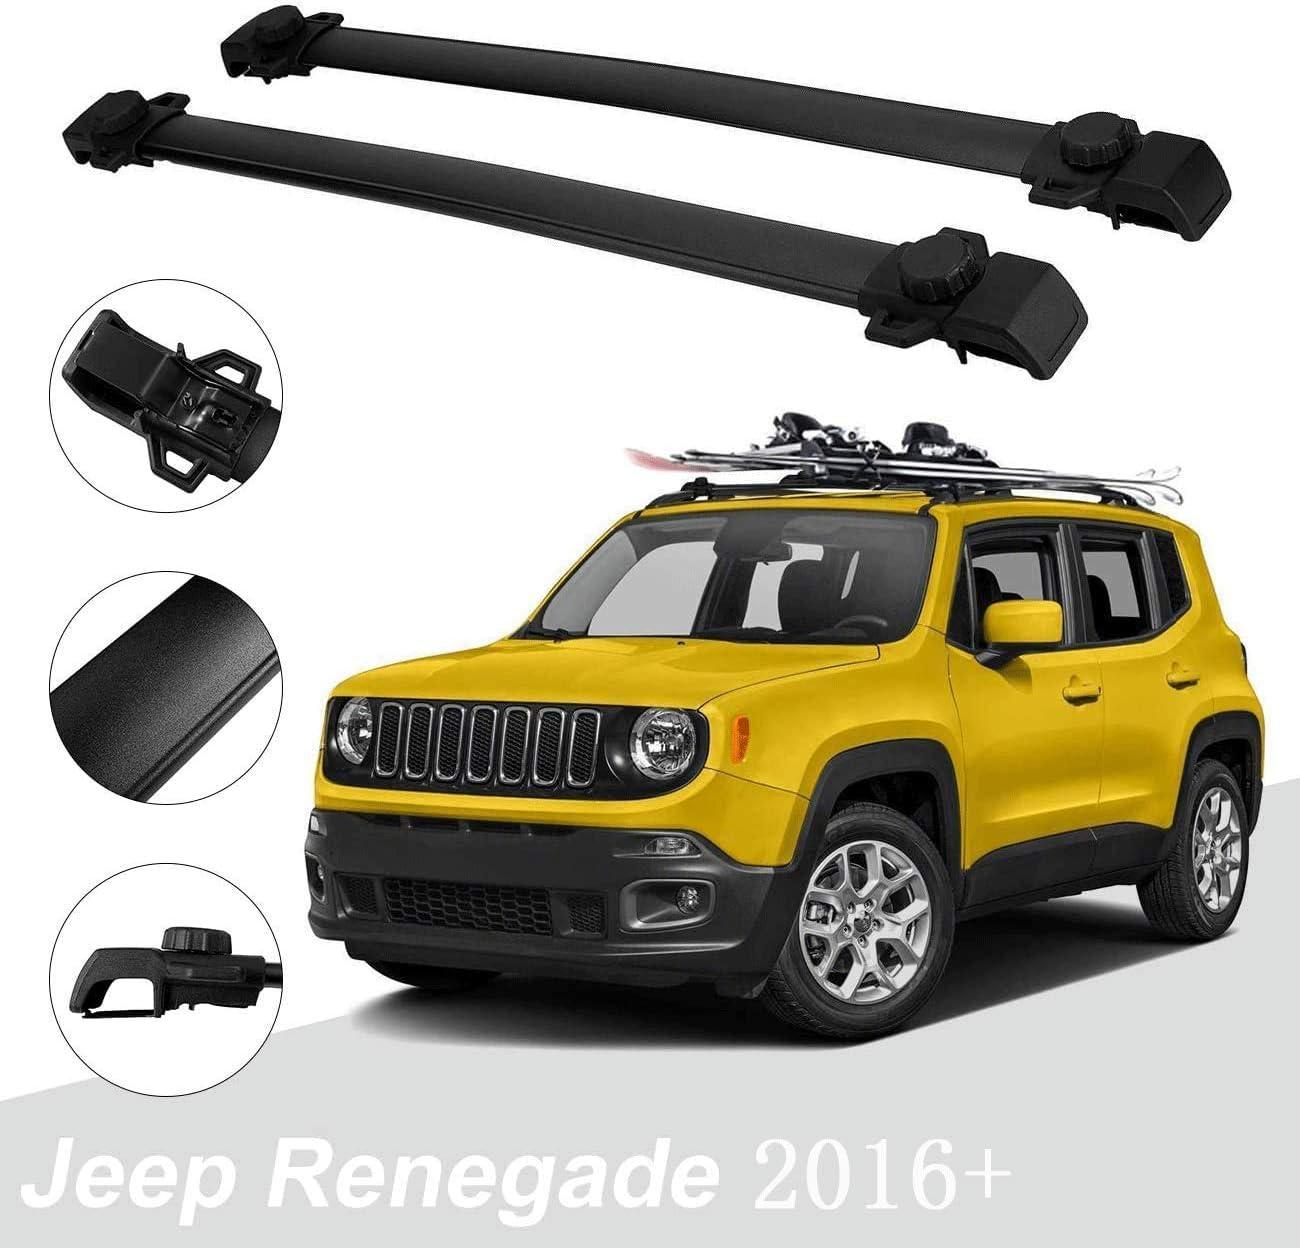 L U Dachträger Crossbar Ersatz Oe Art Geeignet Für 2016 Jeep Renegade Aluminium Gepäckträger Querstange Truck Top Rack Küche Haushalt